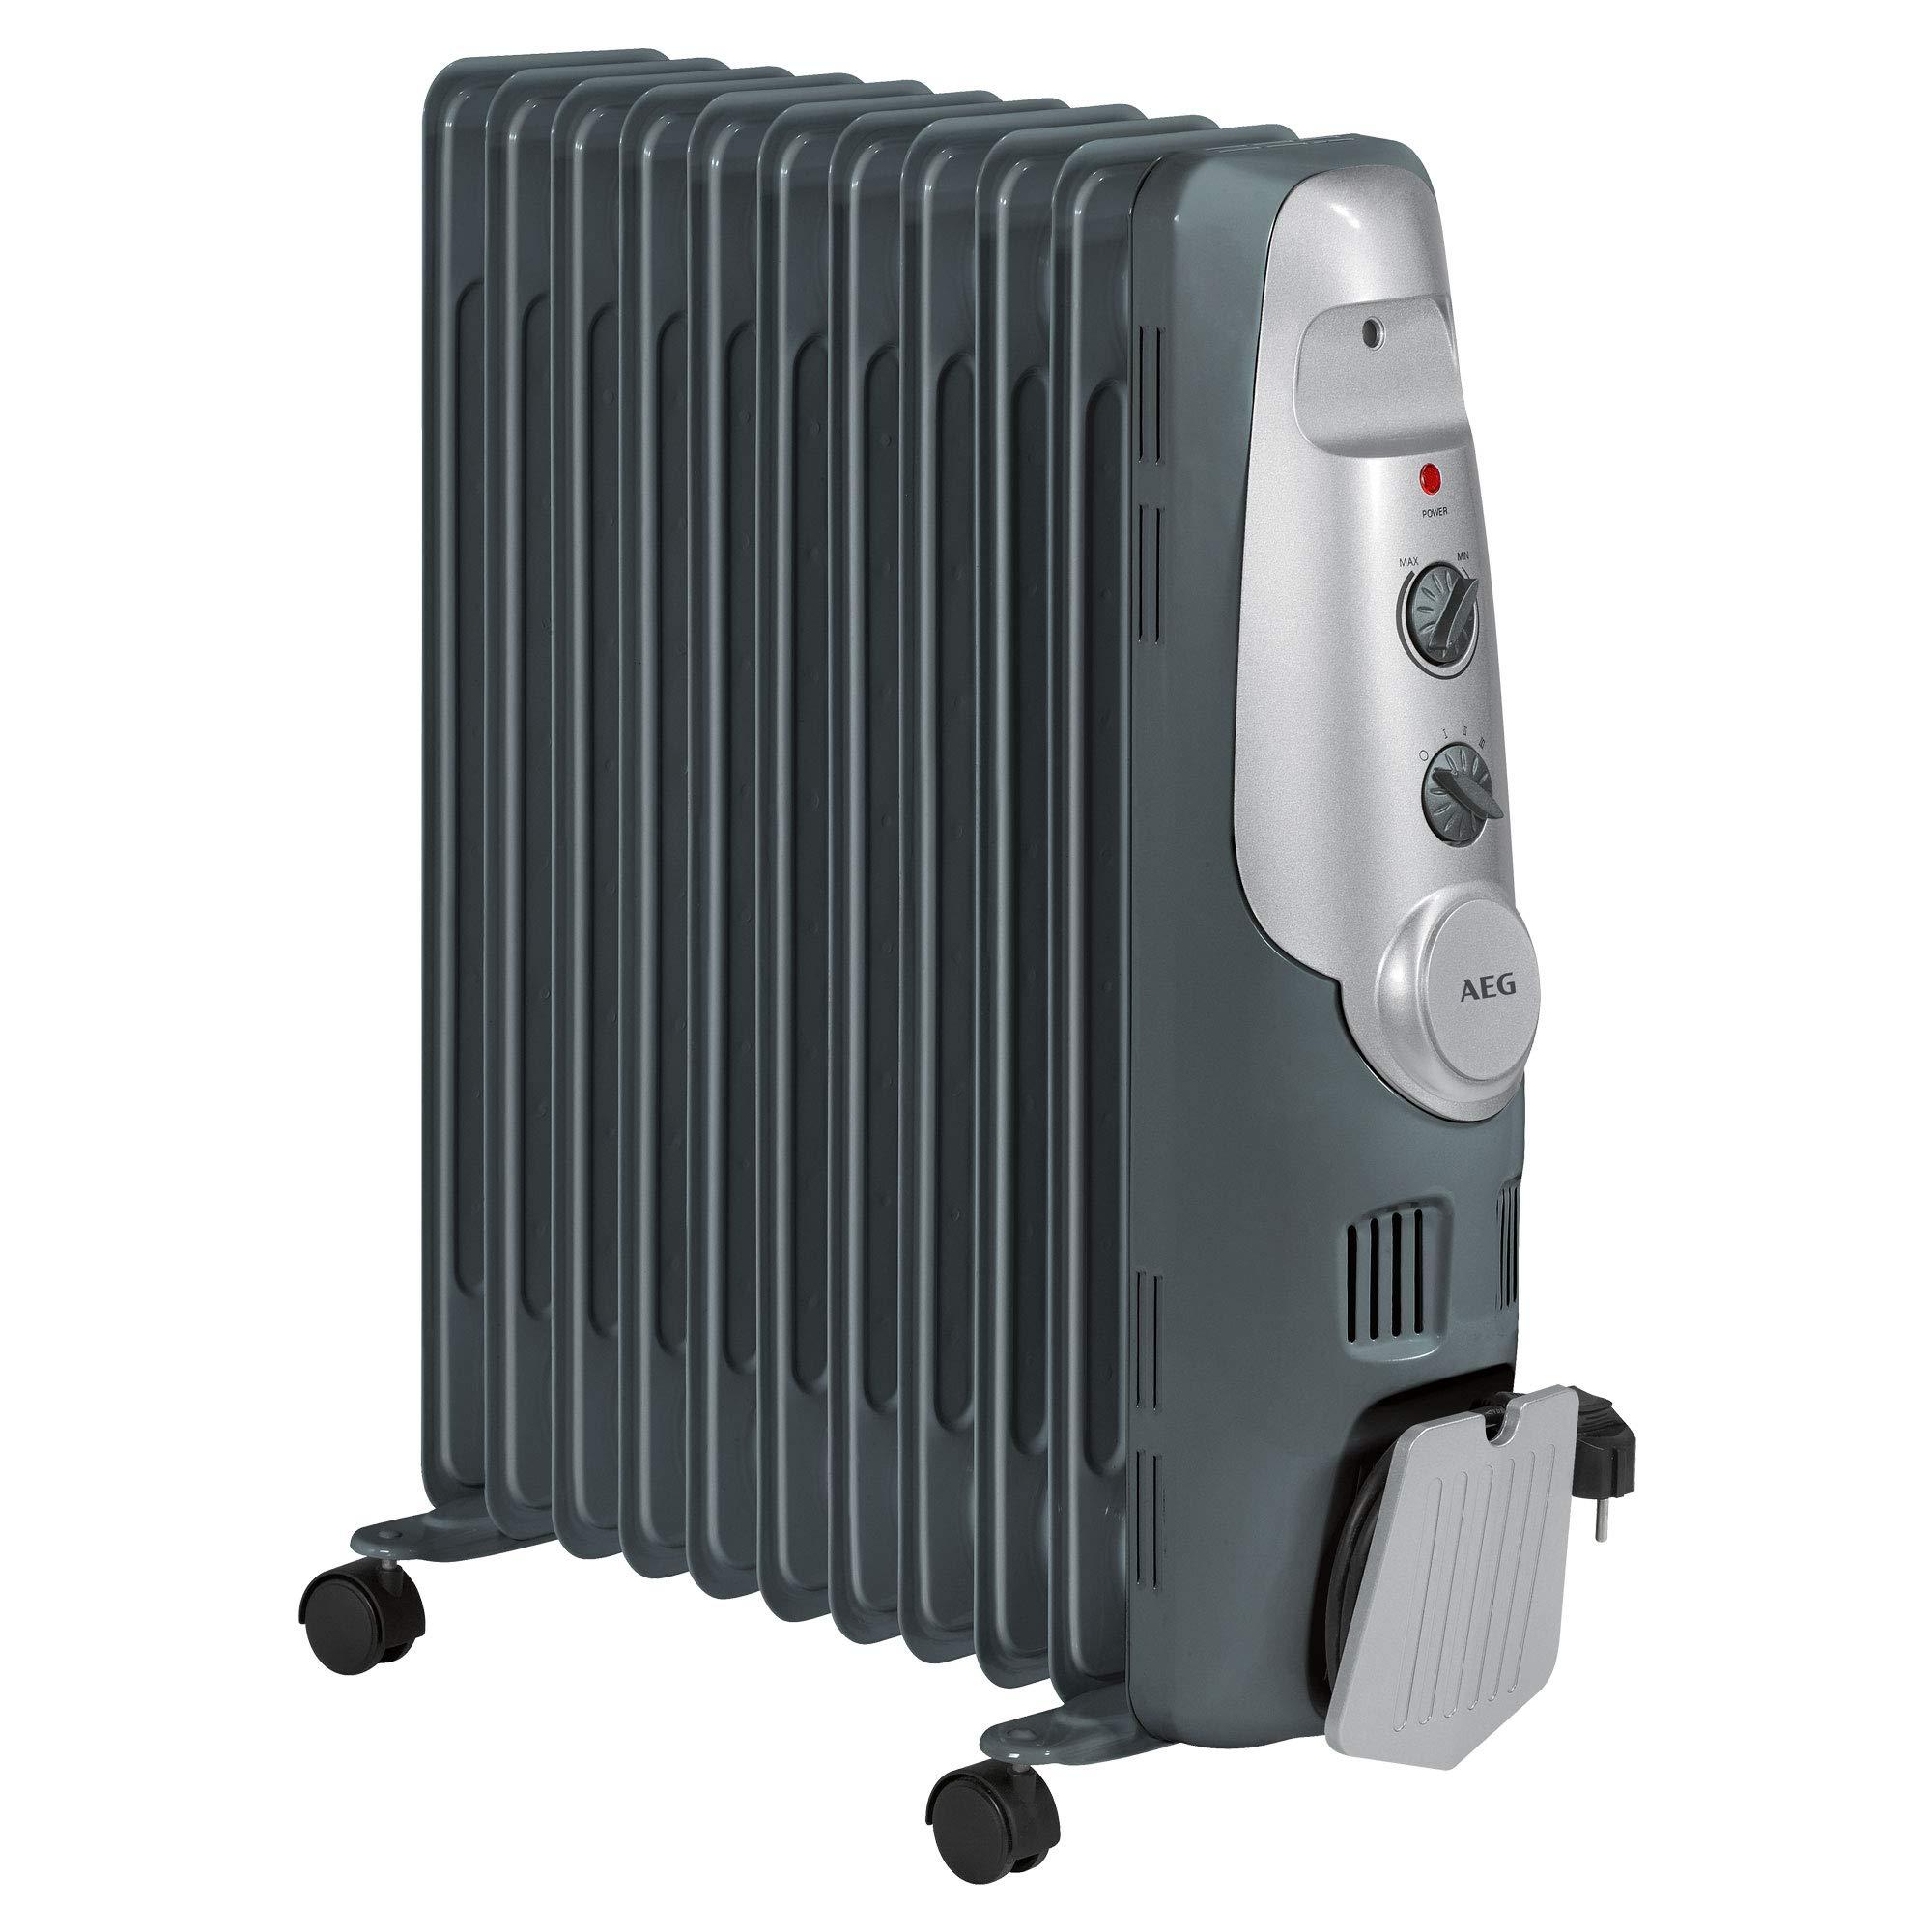 AEG RA 5522 - Radiador de aceite, 2200 W, 11 elementos, termostato,